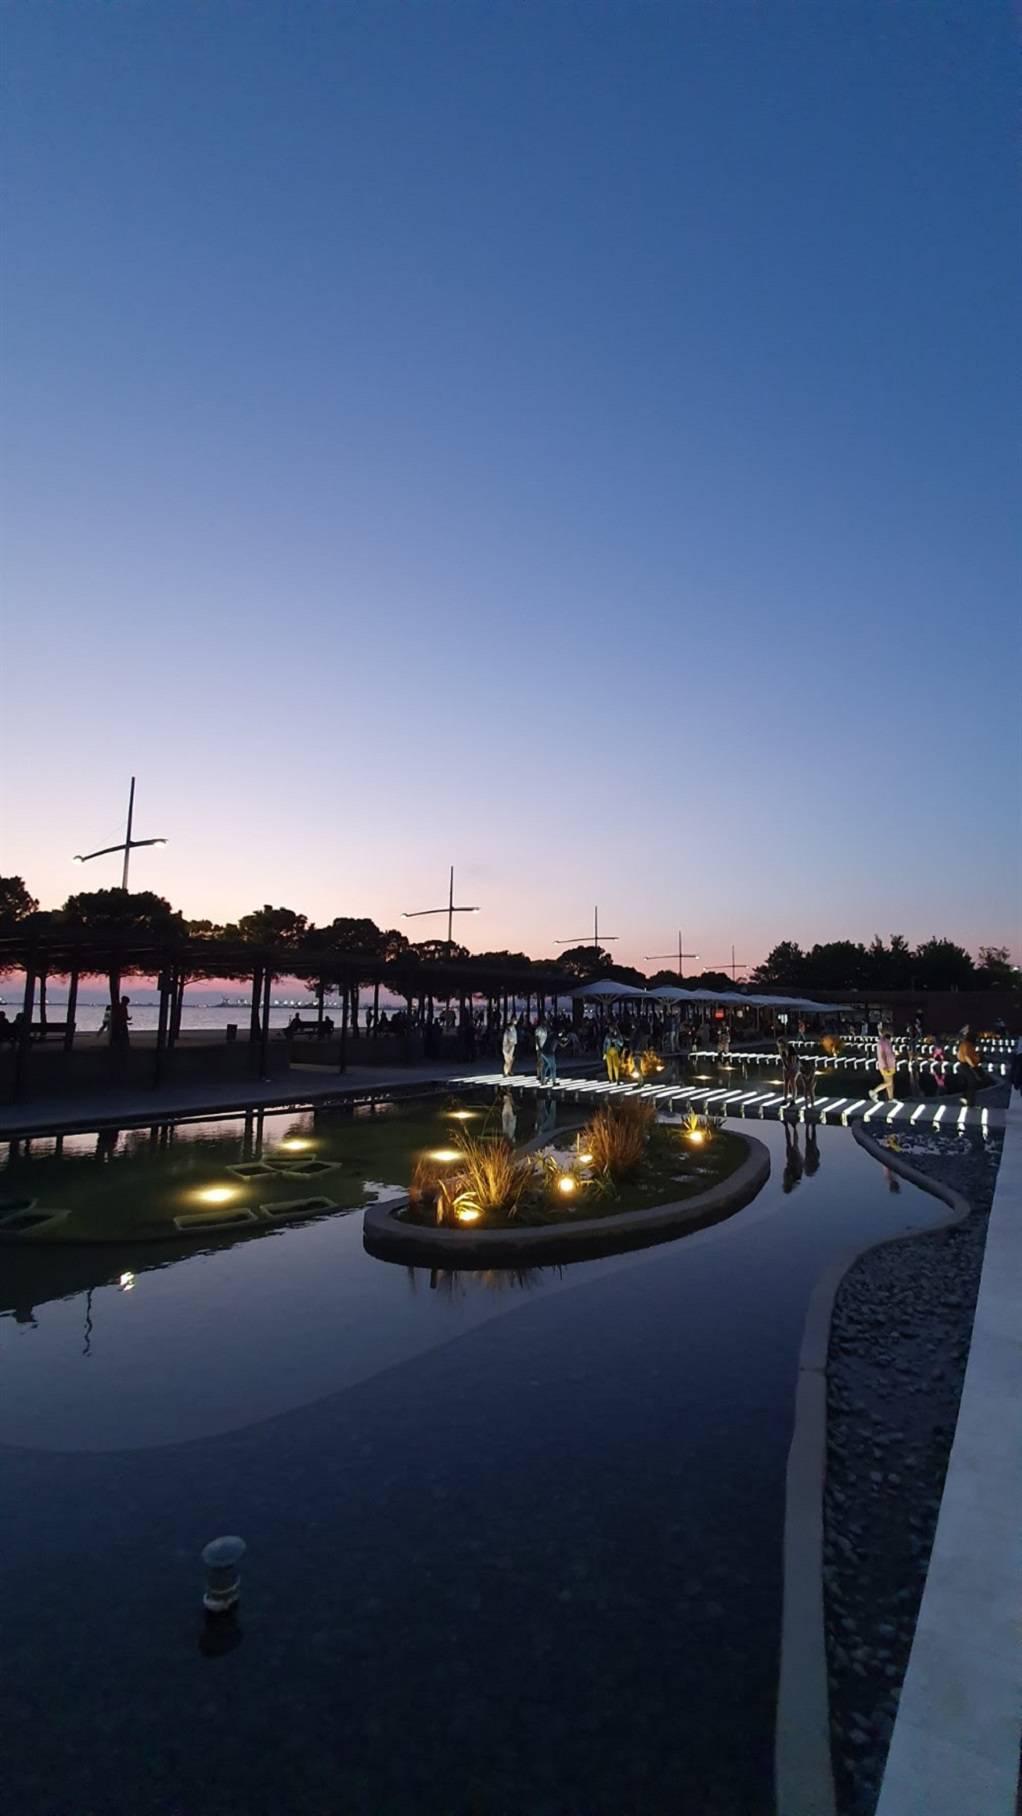 Θεσσαλονίκη: Εντυπωσιακός ο ανακαινισμένος Κήπος του Νερού, φωτογραφία-3